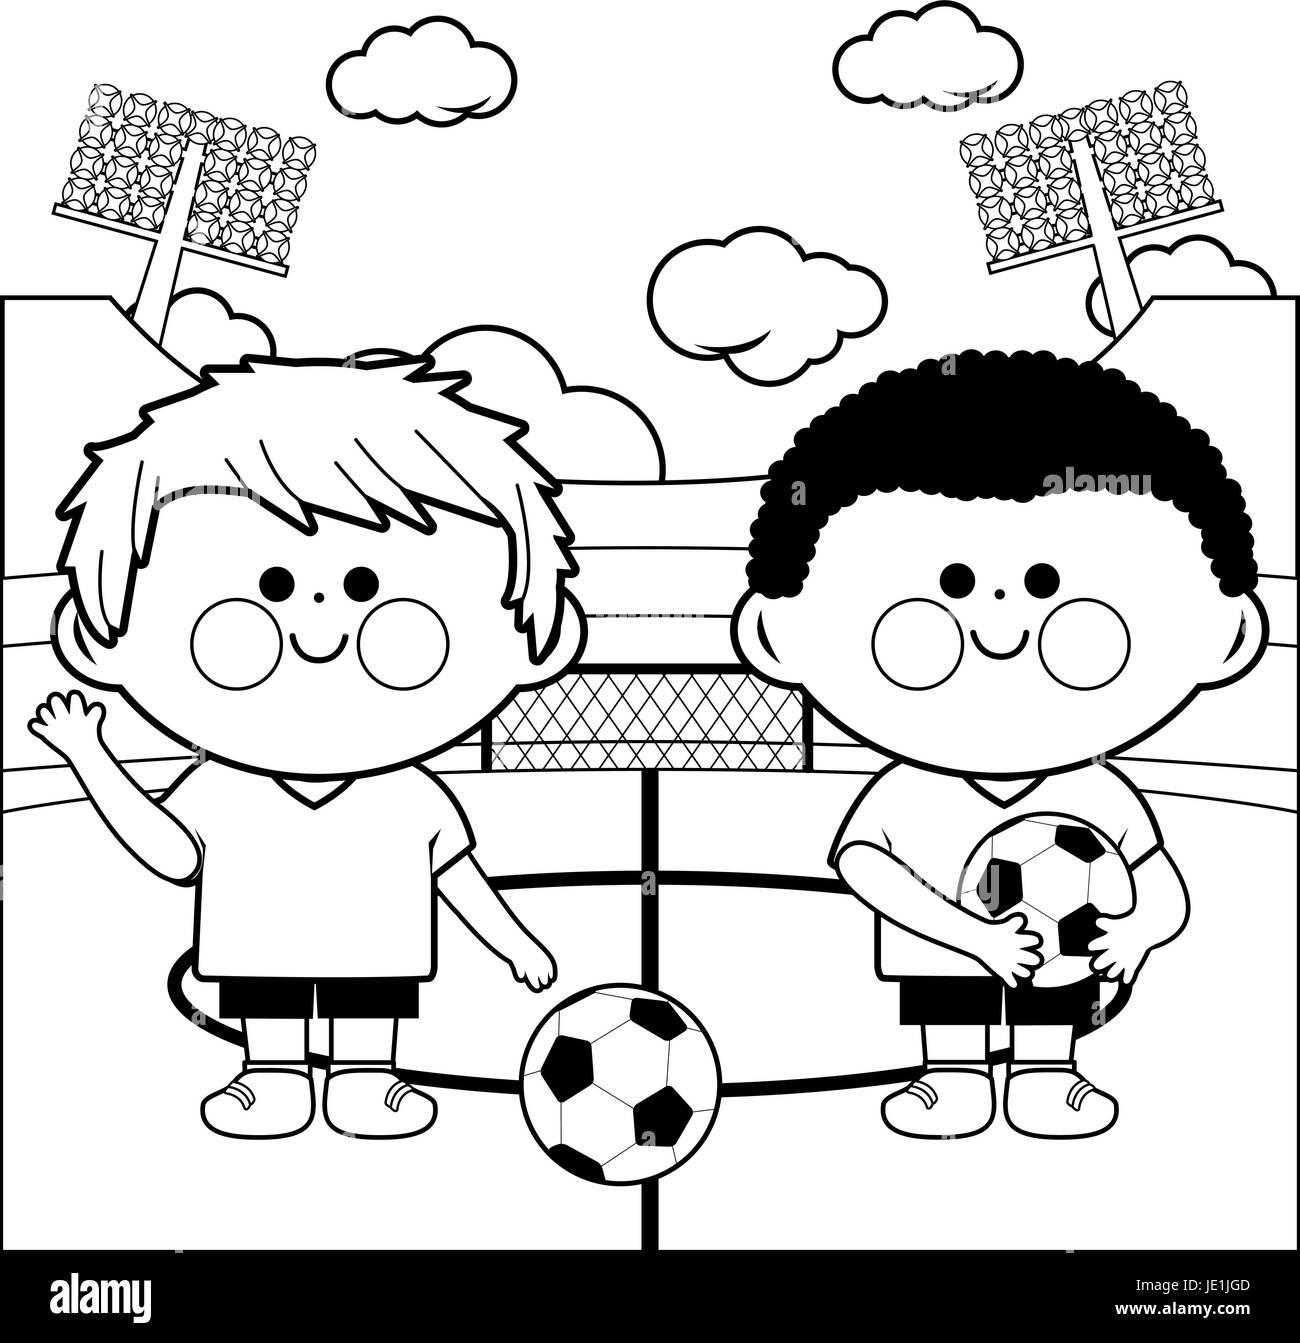 Kinder-Fußball-Spieler in einem Stadion. Malvorlagen Vektor ...